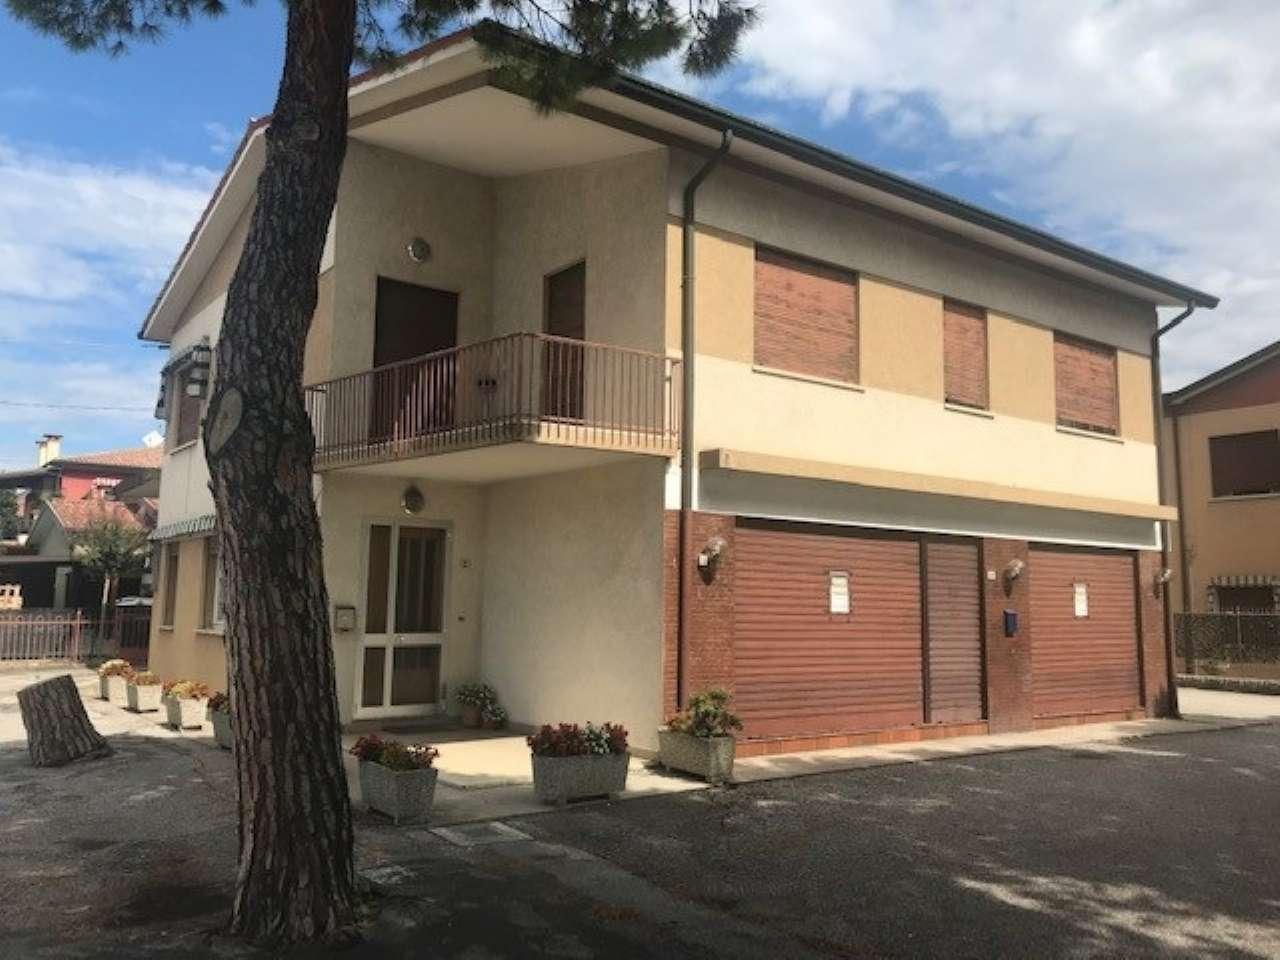 Appartamento in vendita a Curtarolo, 6 locali, prezzo € 95.000 | PortaleAgenzieImmobiliari.it